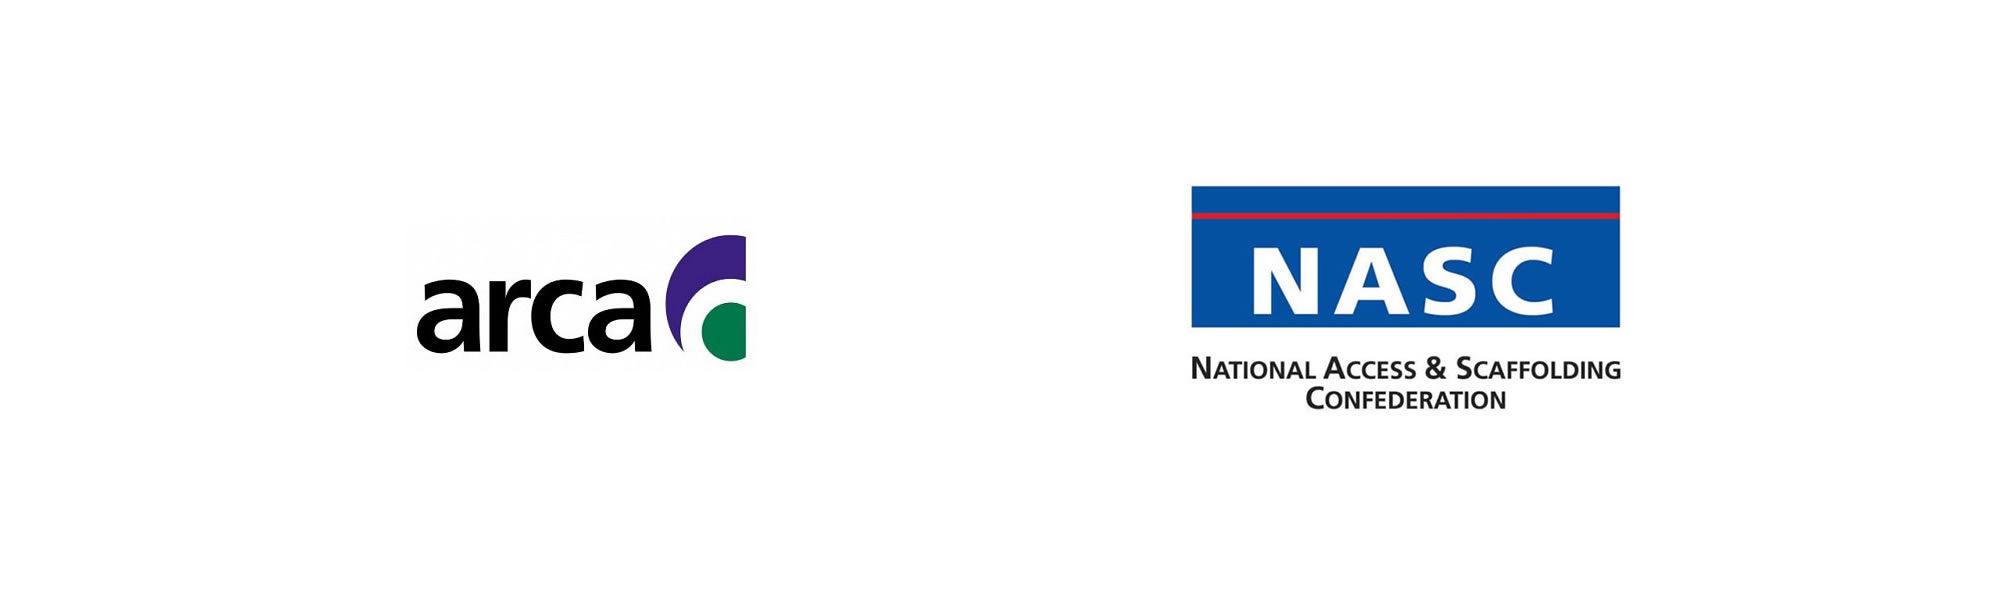 slide-4-logos